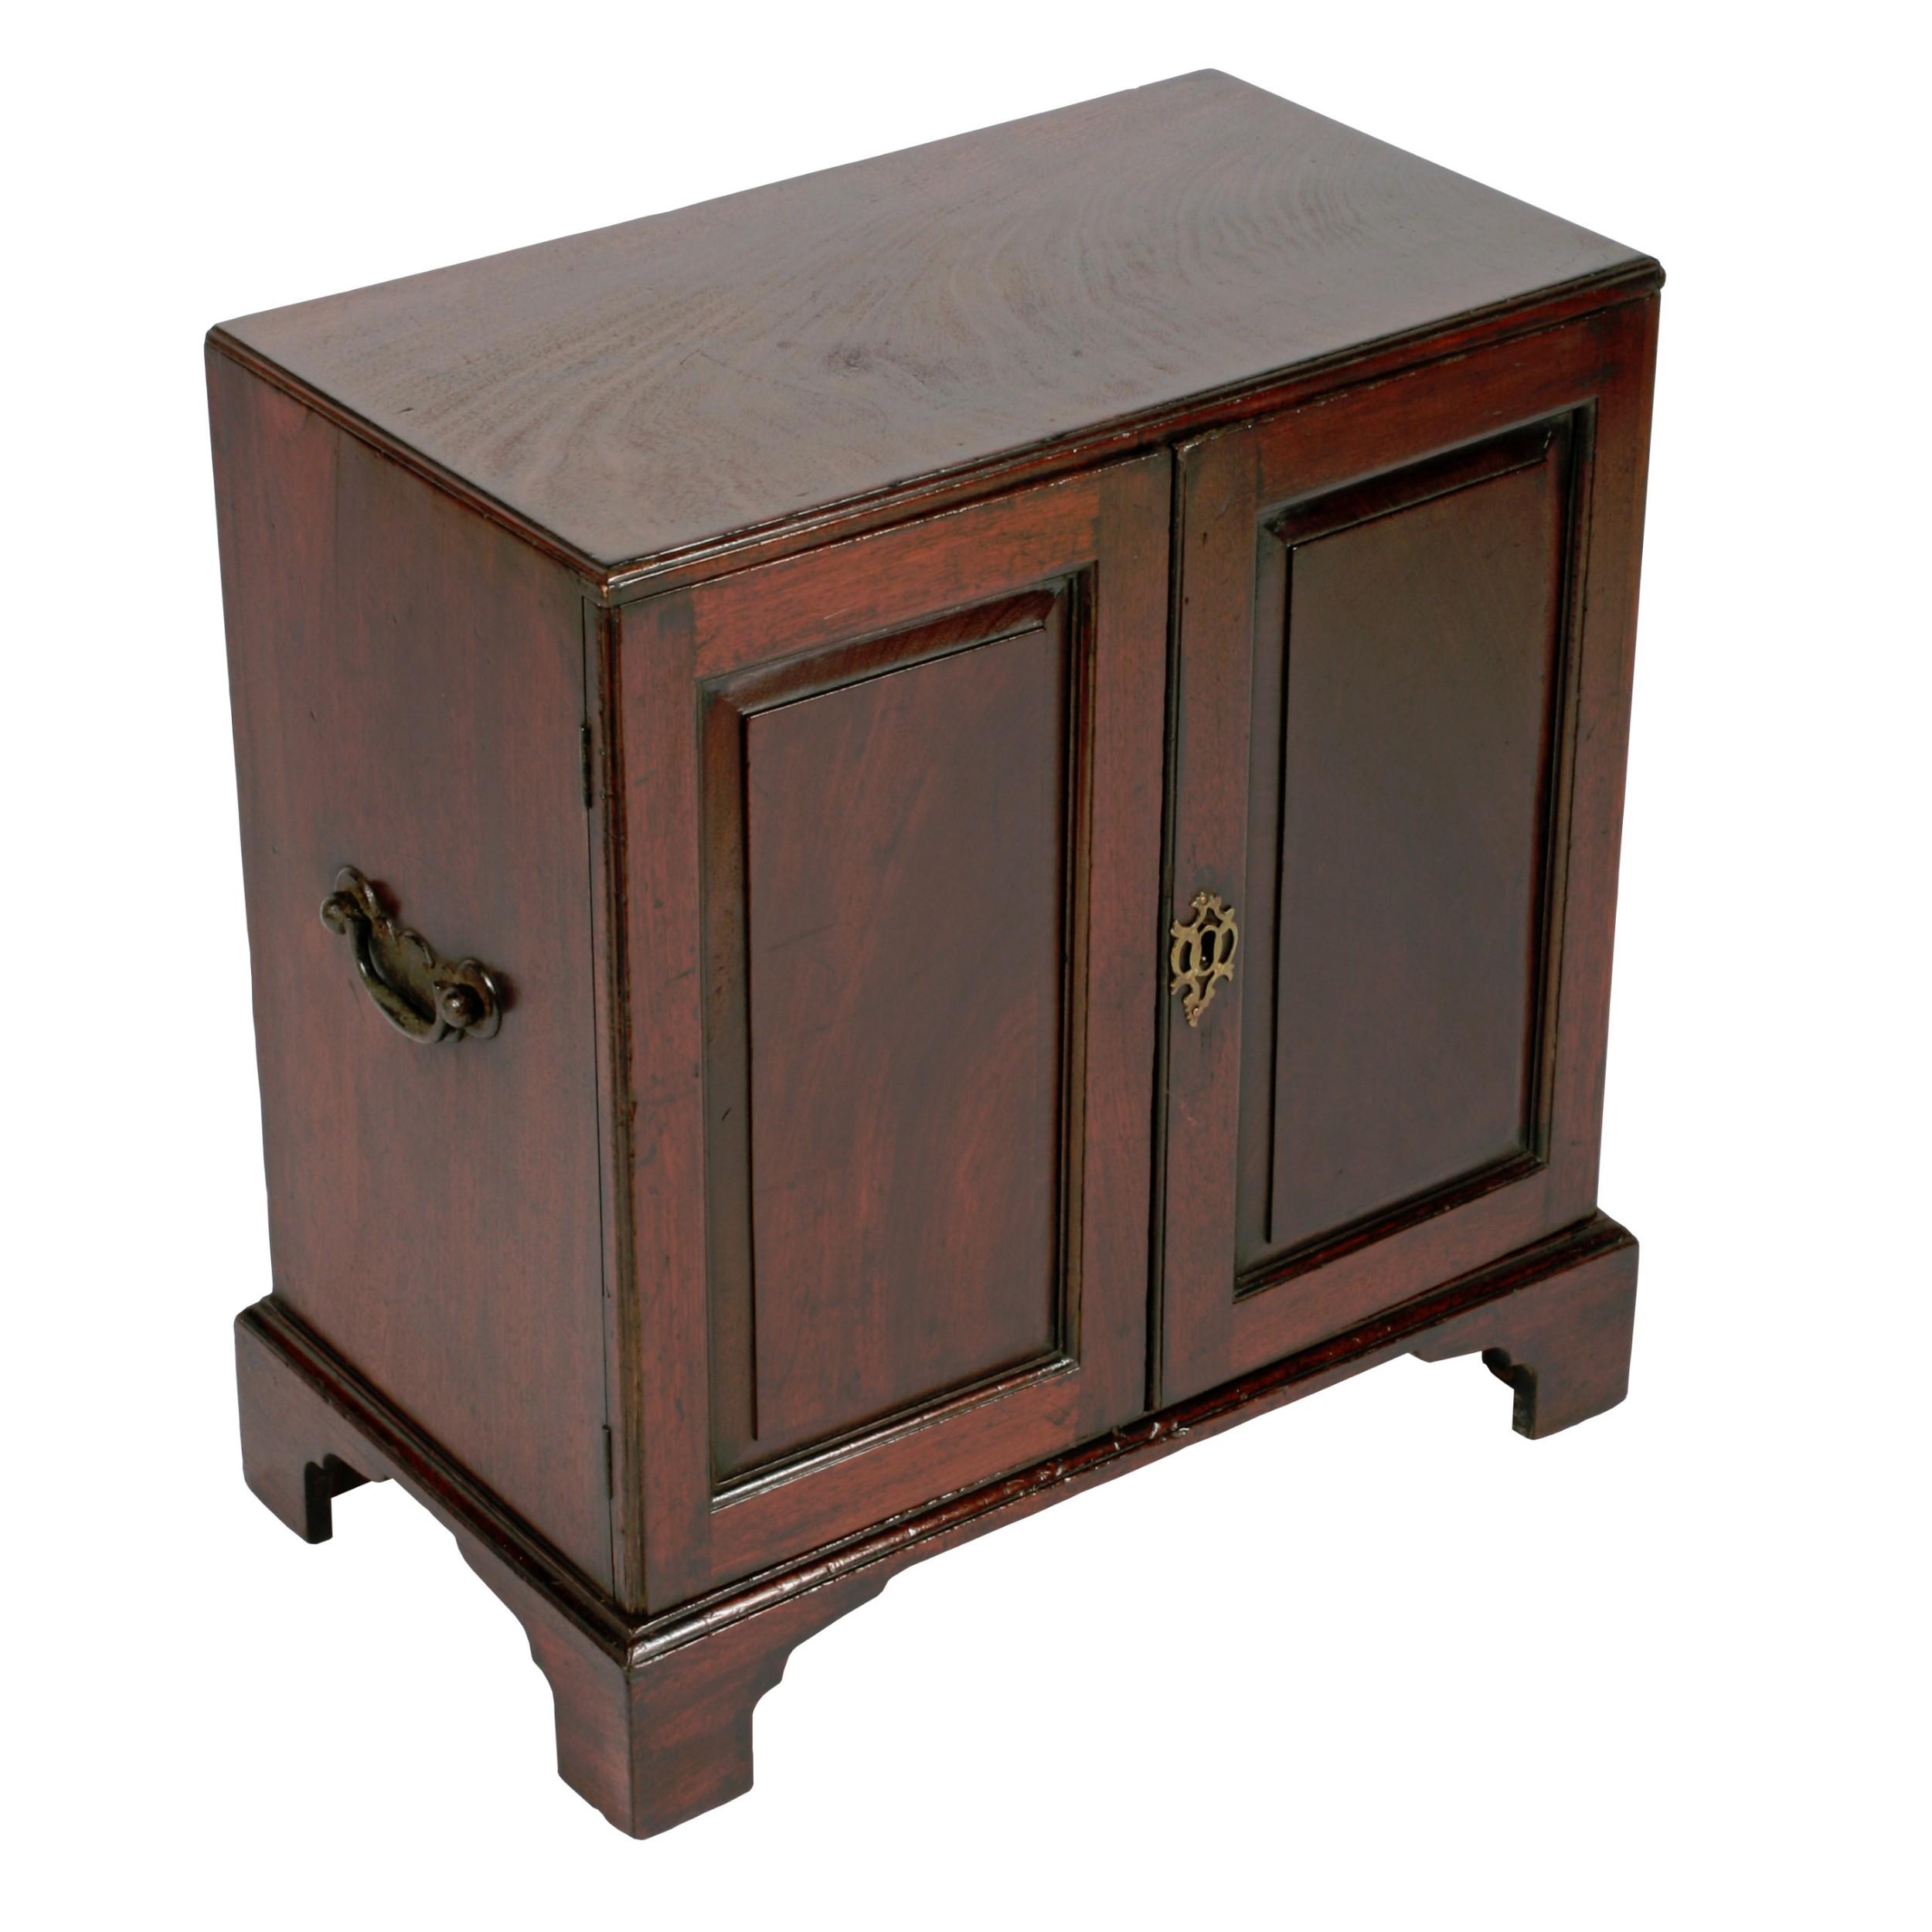 18th century mahogany table cabinet